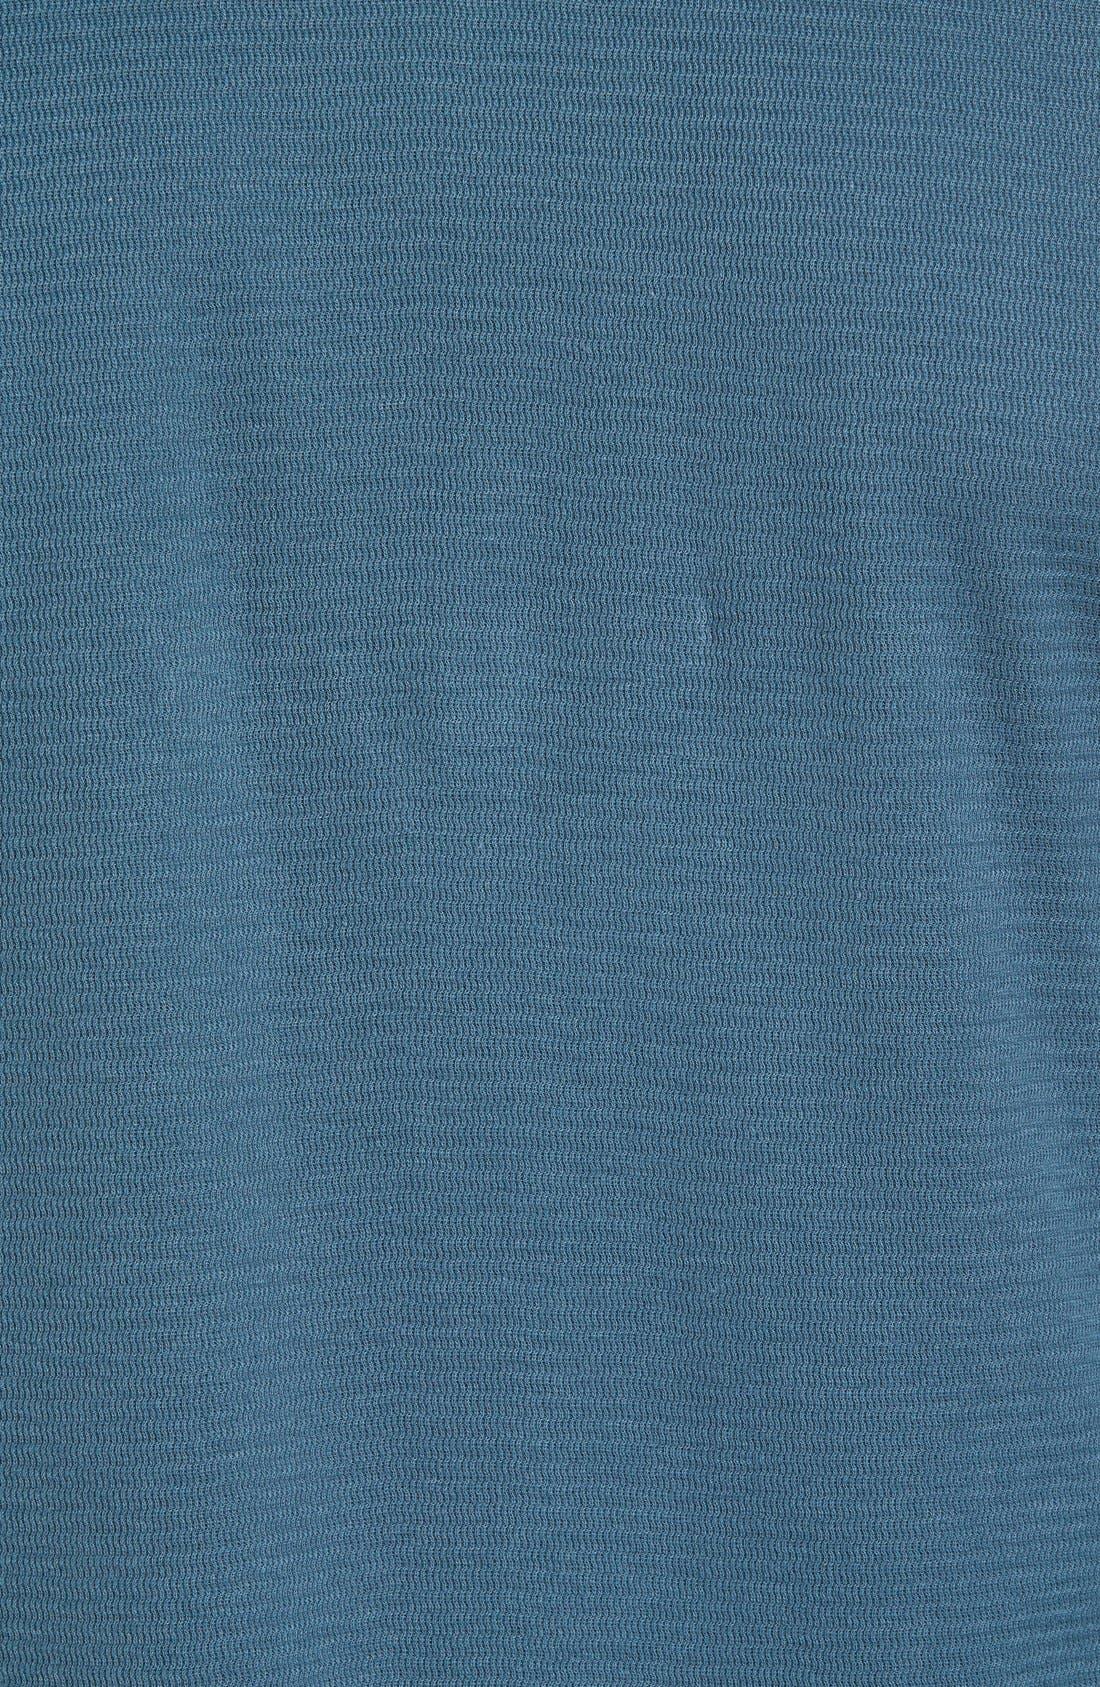 Alternate Image 5  - Jeremiah Larsen Zigzag Thermal T-Shirt